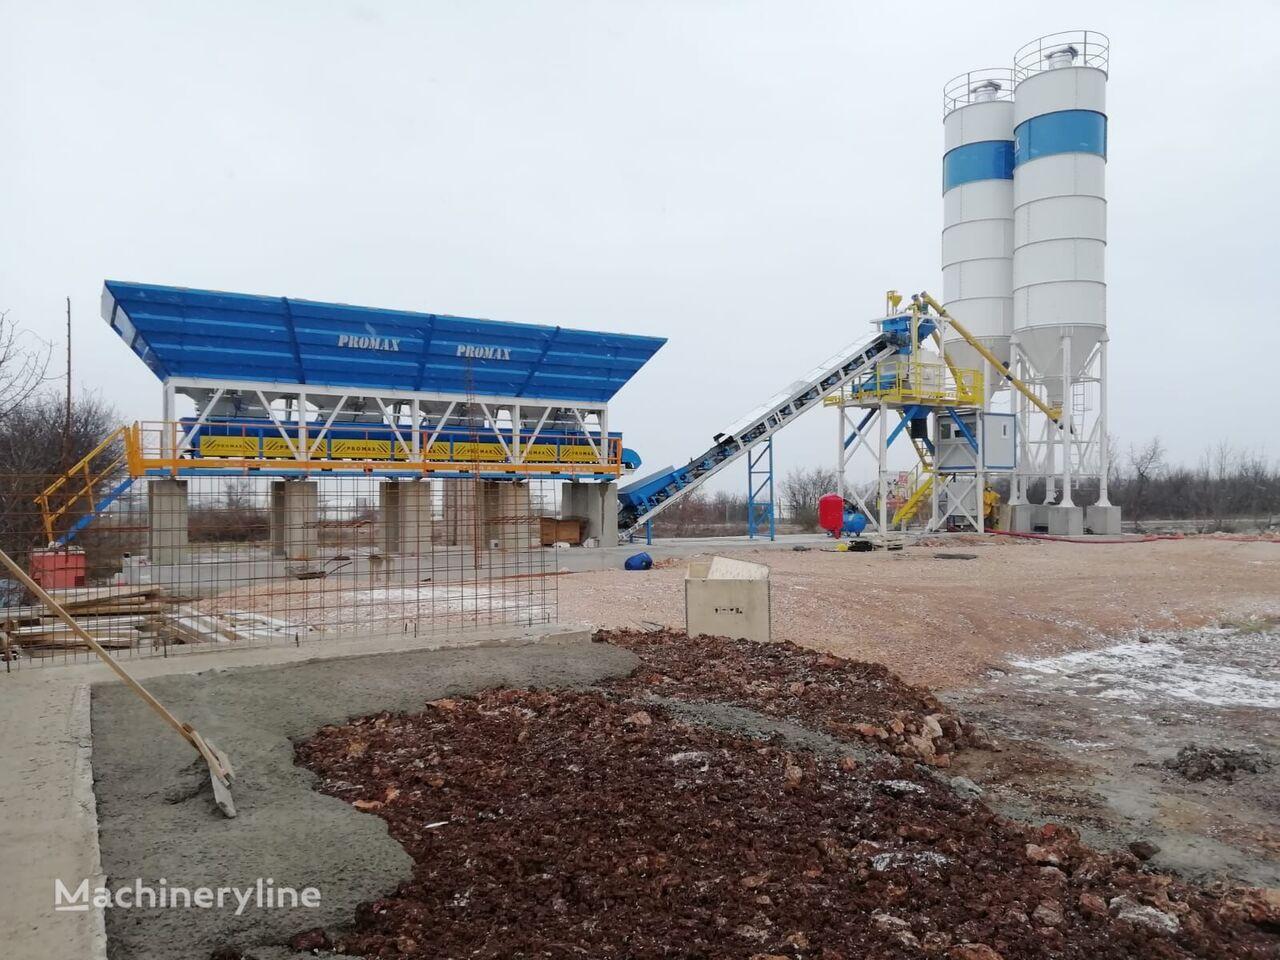 ny PROMAX KOMPAKTNYY BETONNYY ZAVOD C60 SNG-L (60 m³/ch)  betongfabrikk